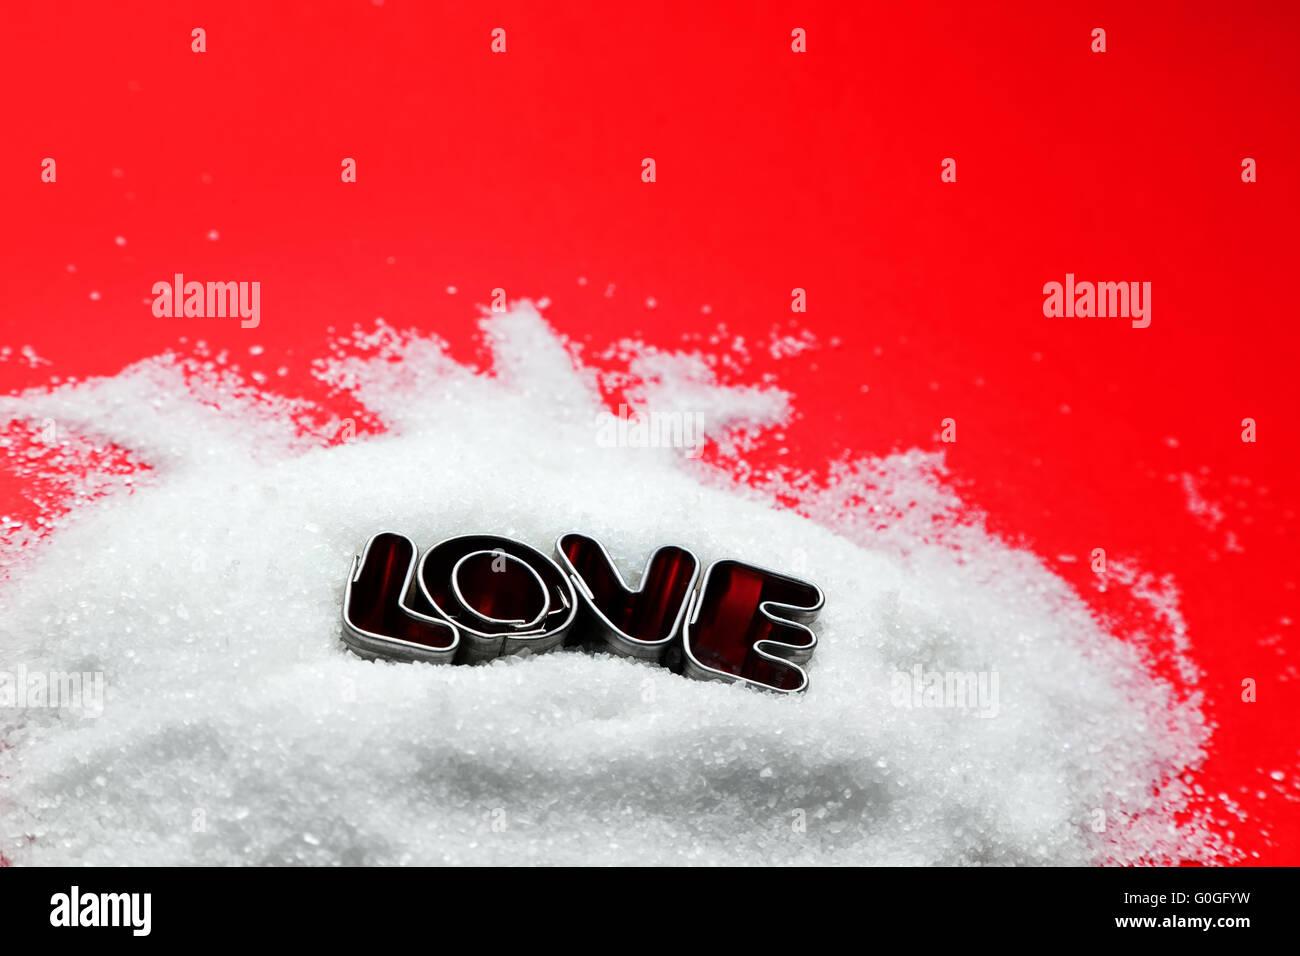 Liebe SMS Von Cookie Serienbriefe Auf Zucker Und Roten Hintergrund.  Valentinstag Thema